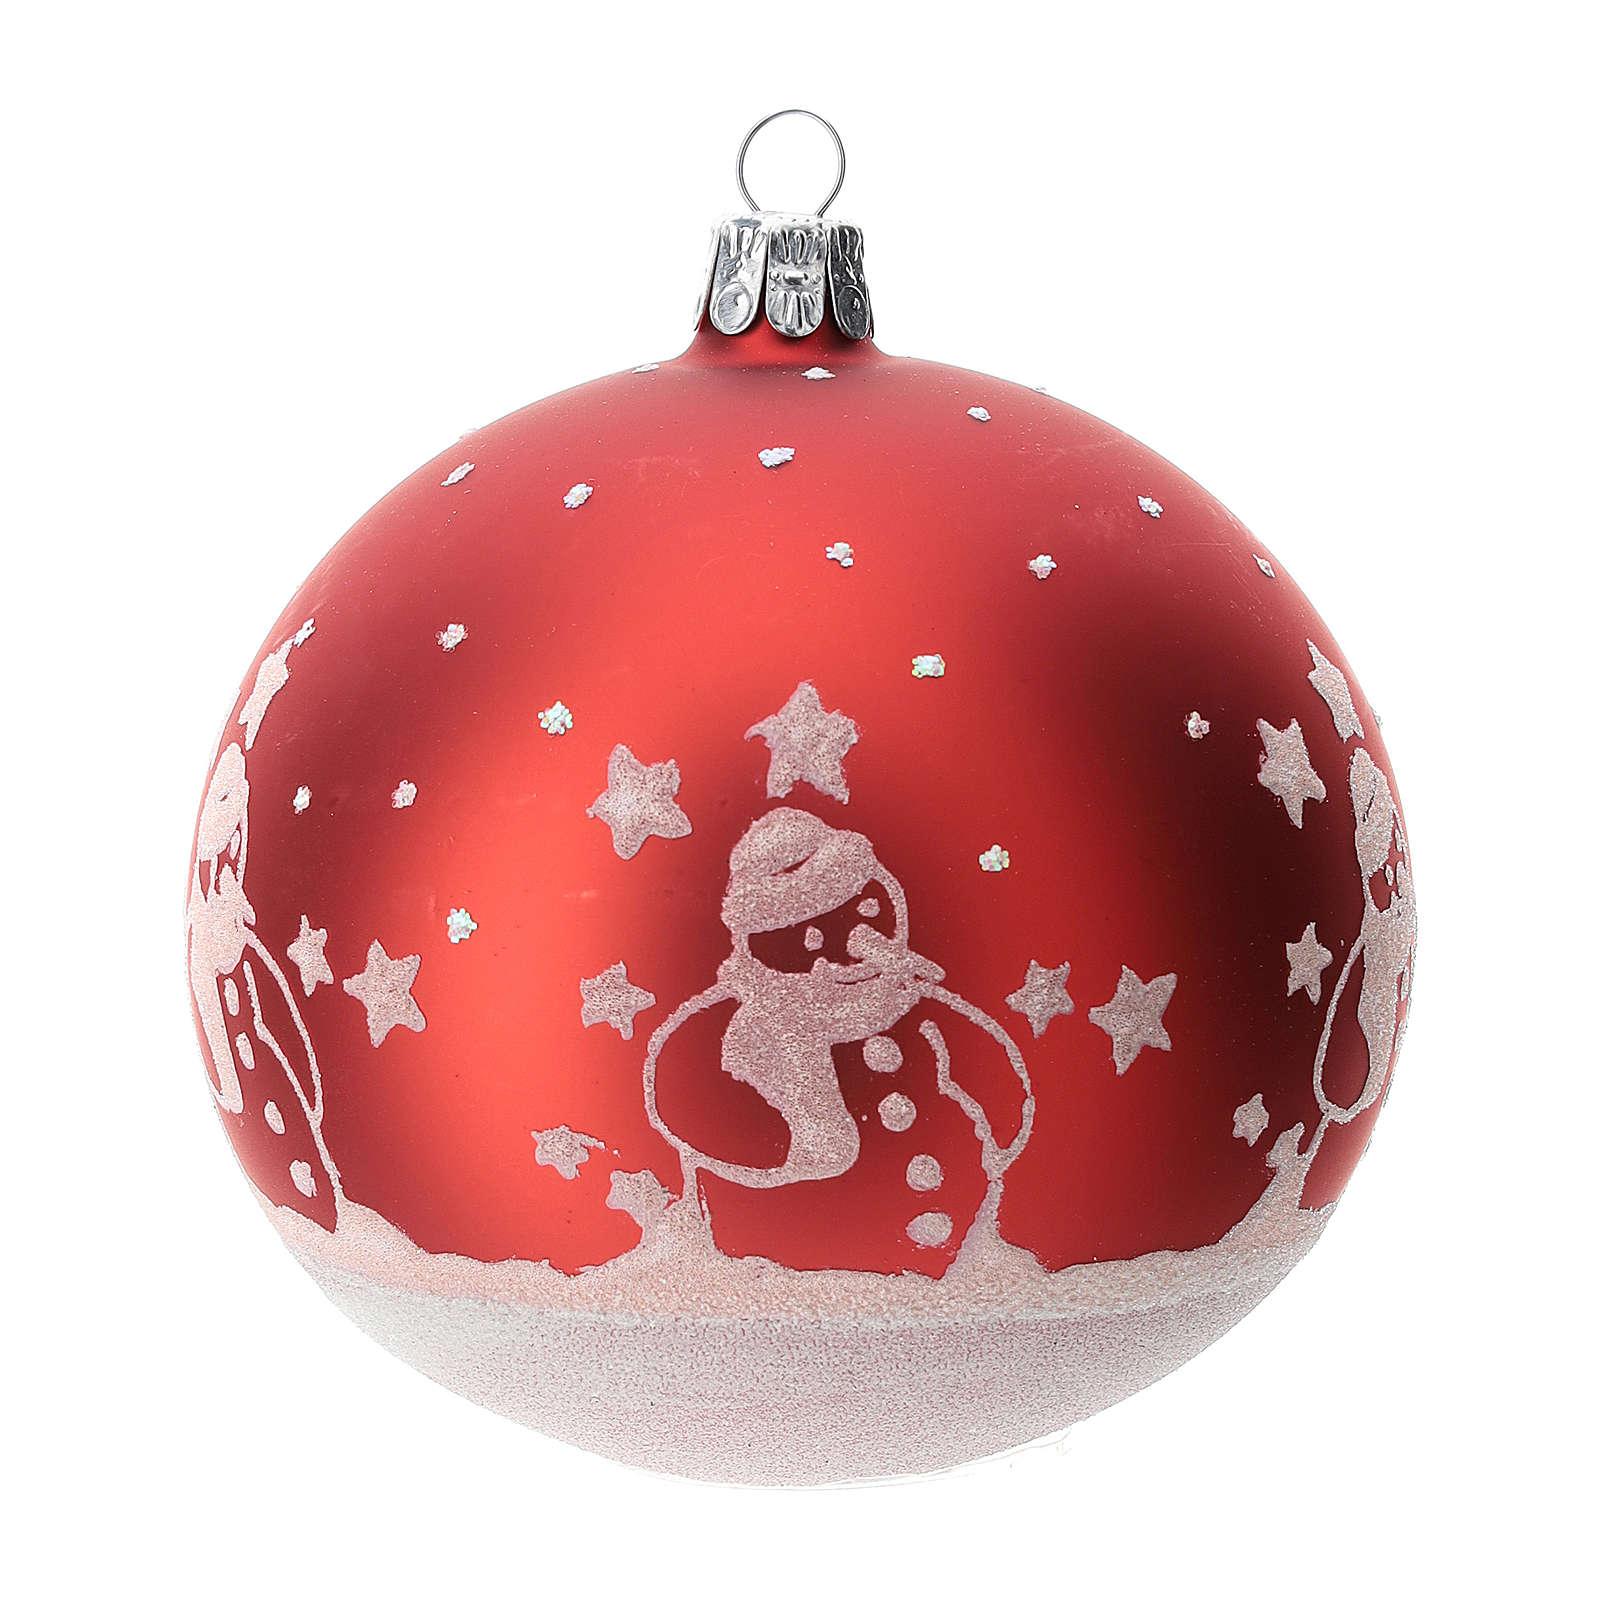 Bola árbol Navidad vidrio soplado roja con muñecos de navidad 100 mm 4